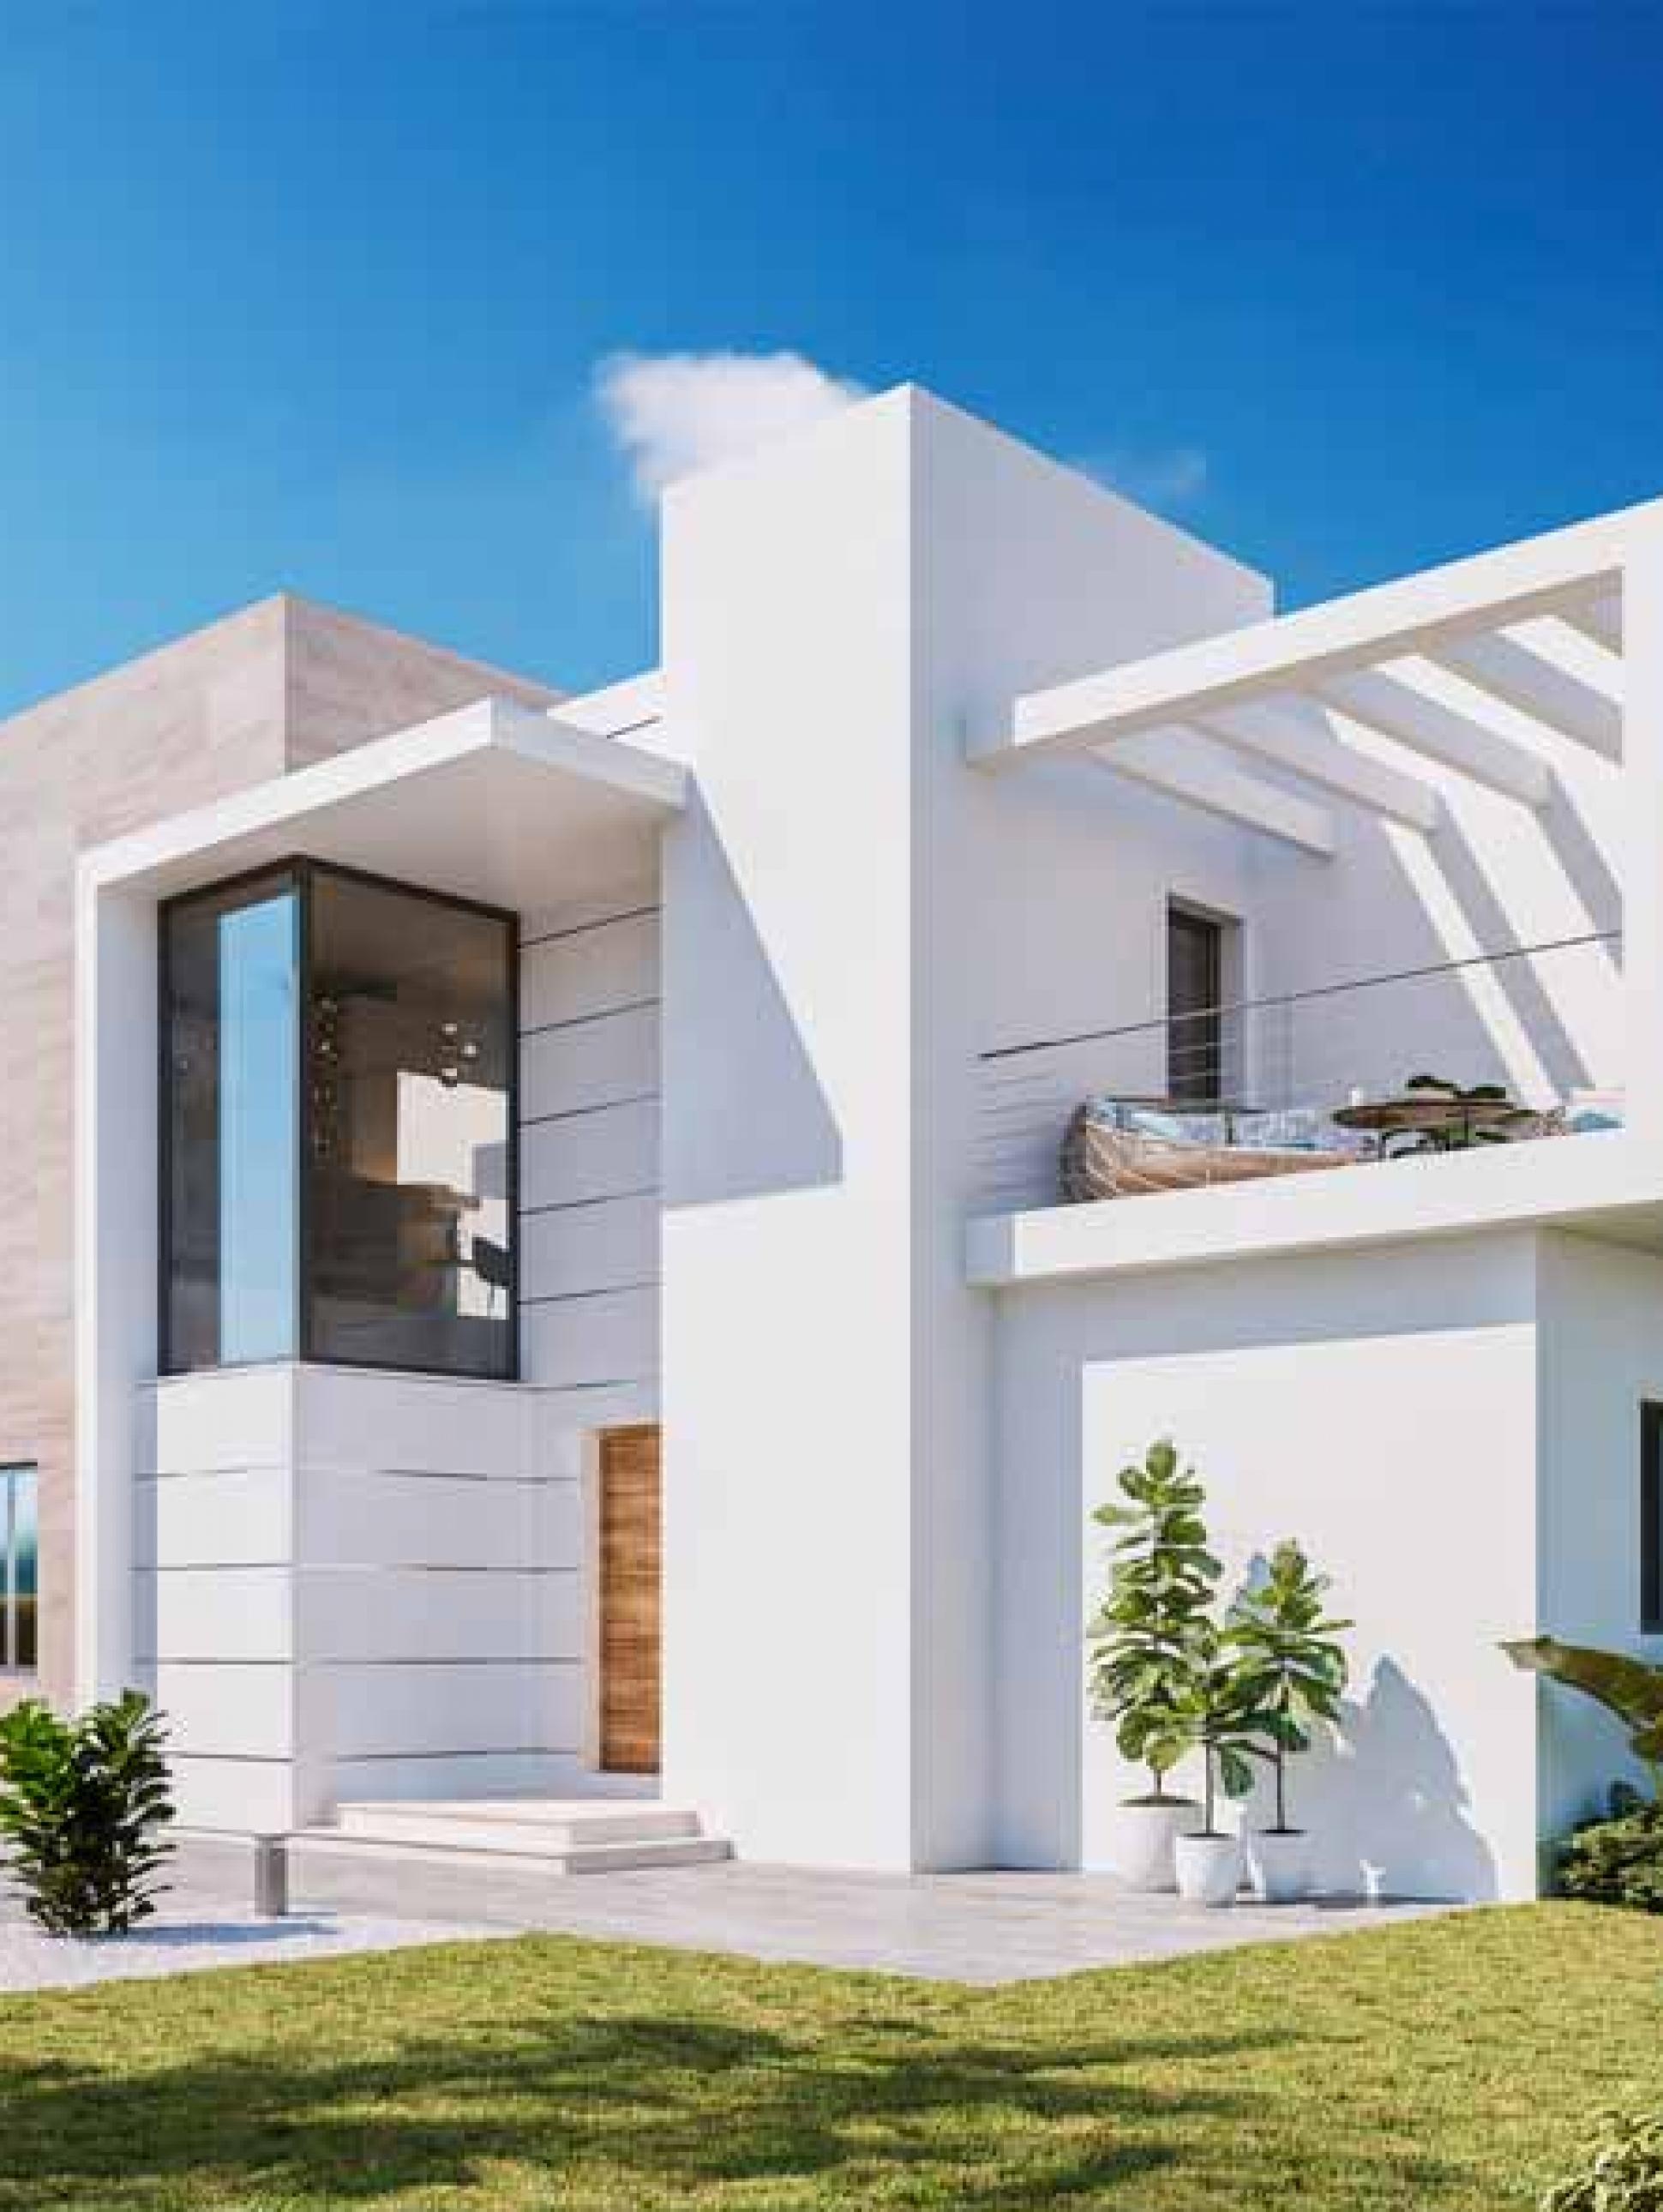 FLORIDO-VISTA1-PIEDRA-CALIZA-pepe-munoz-arquitecto-fuengirola